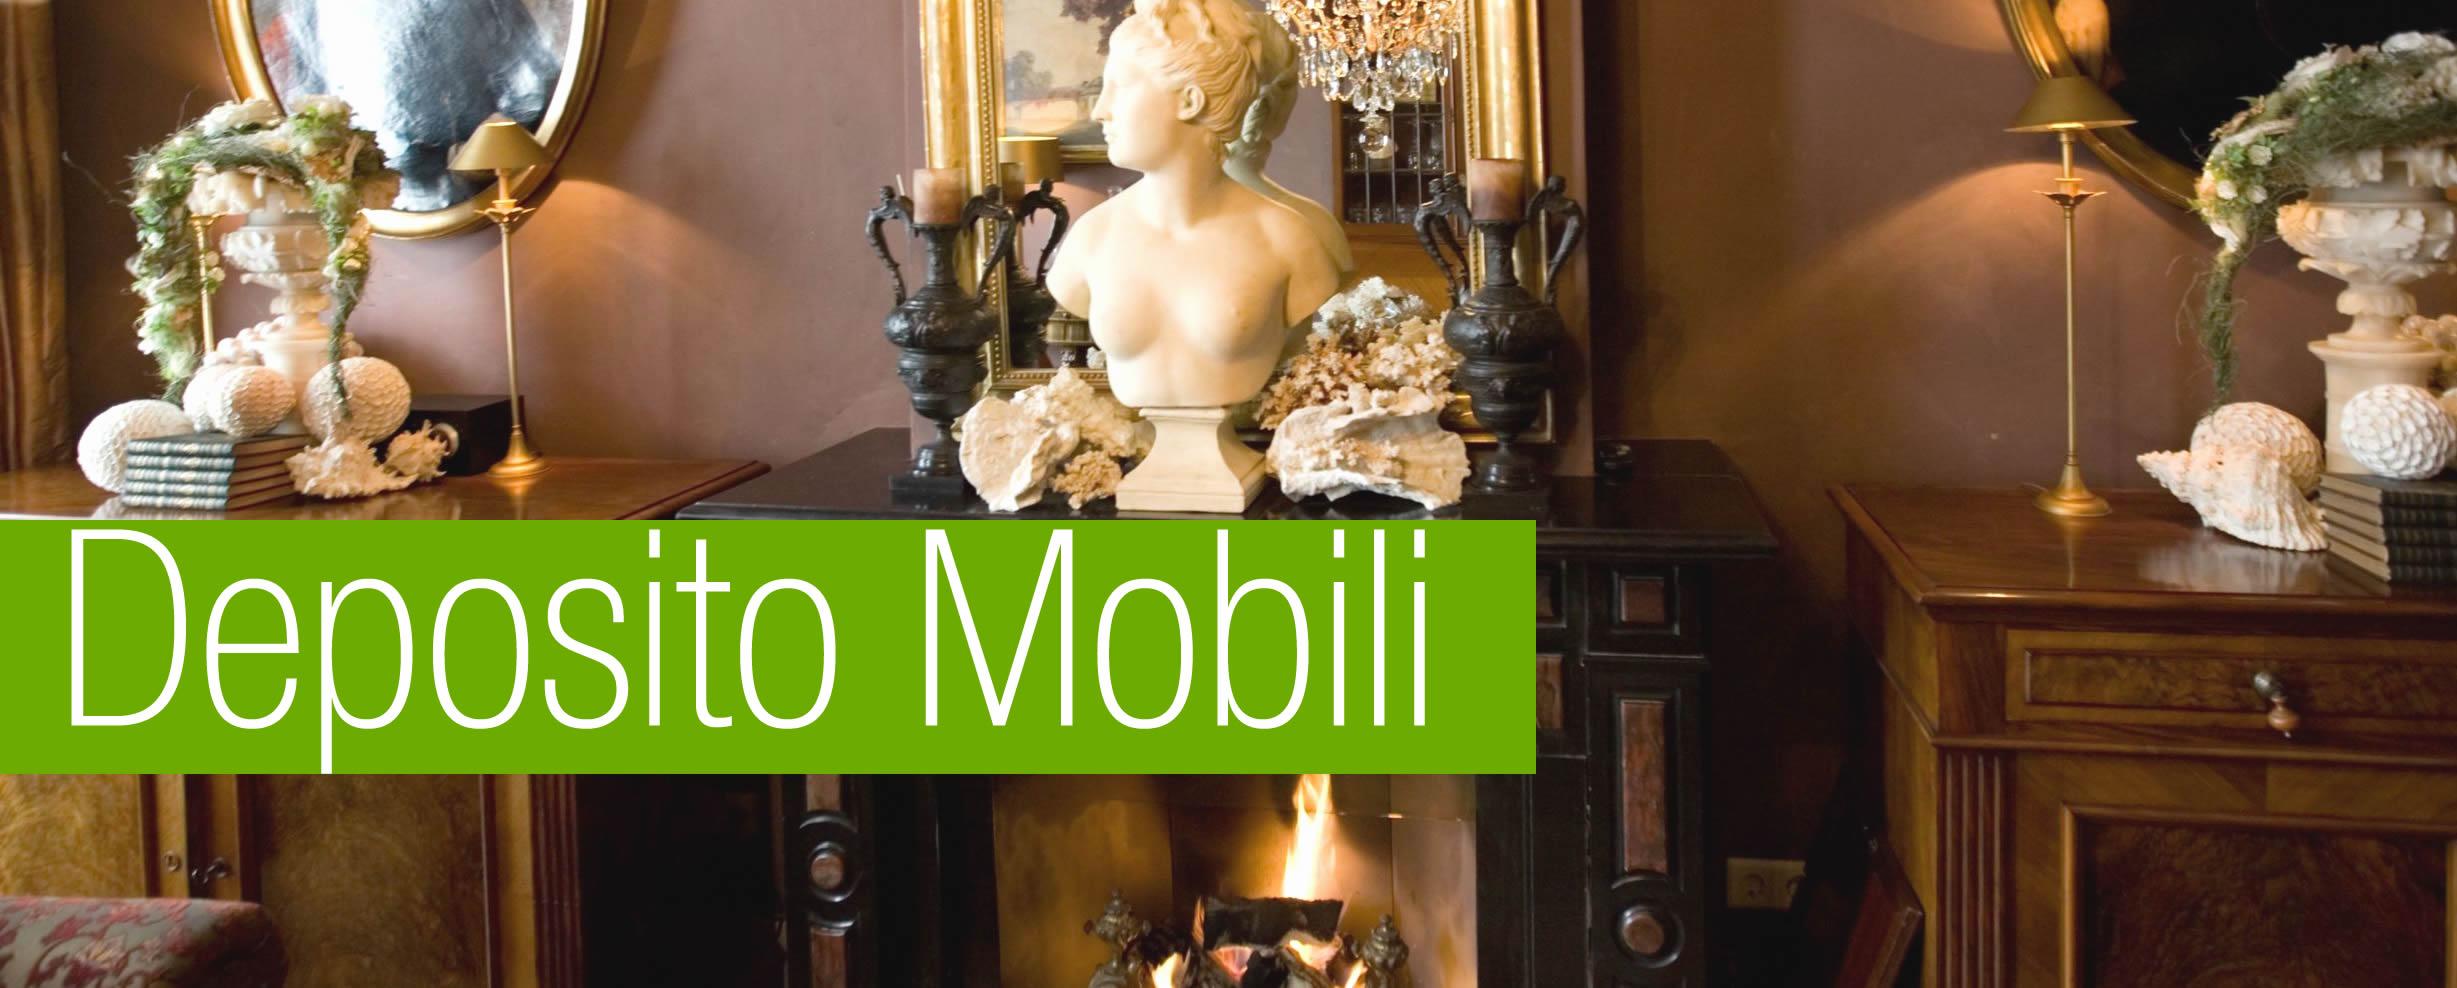 Piazza Del Popolo - Imballaggi per Trasloco - Deposito Mobili a Piazza Del Popolo